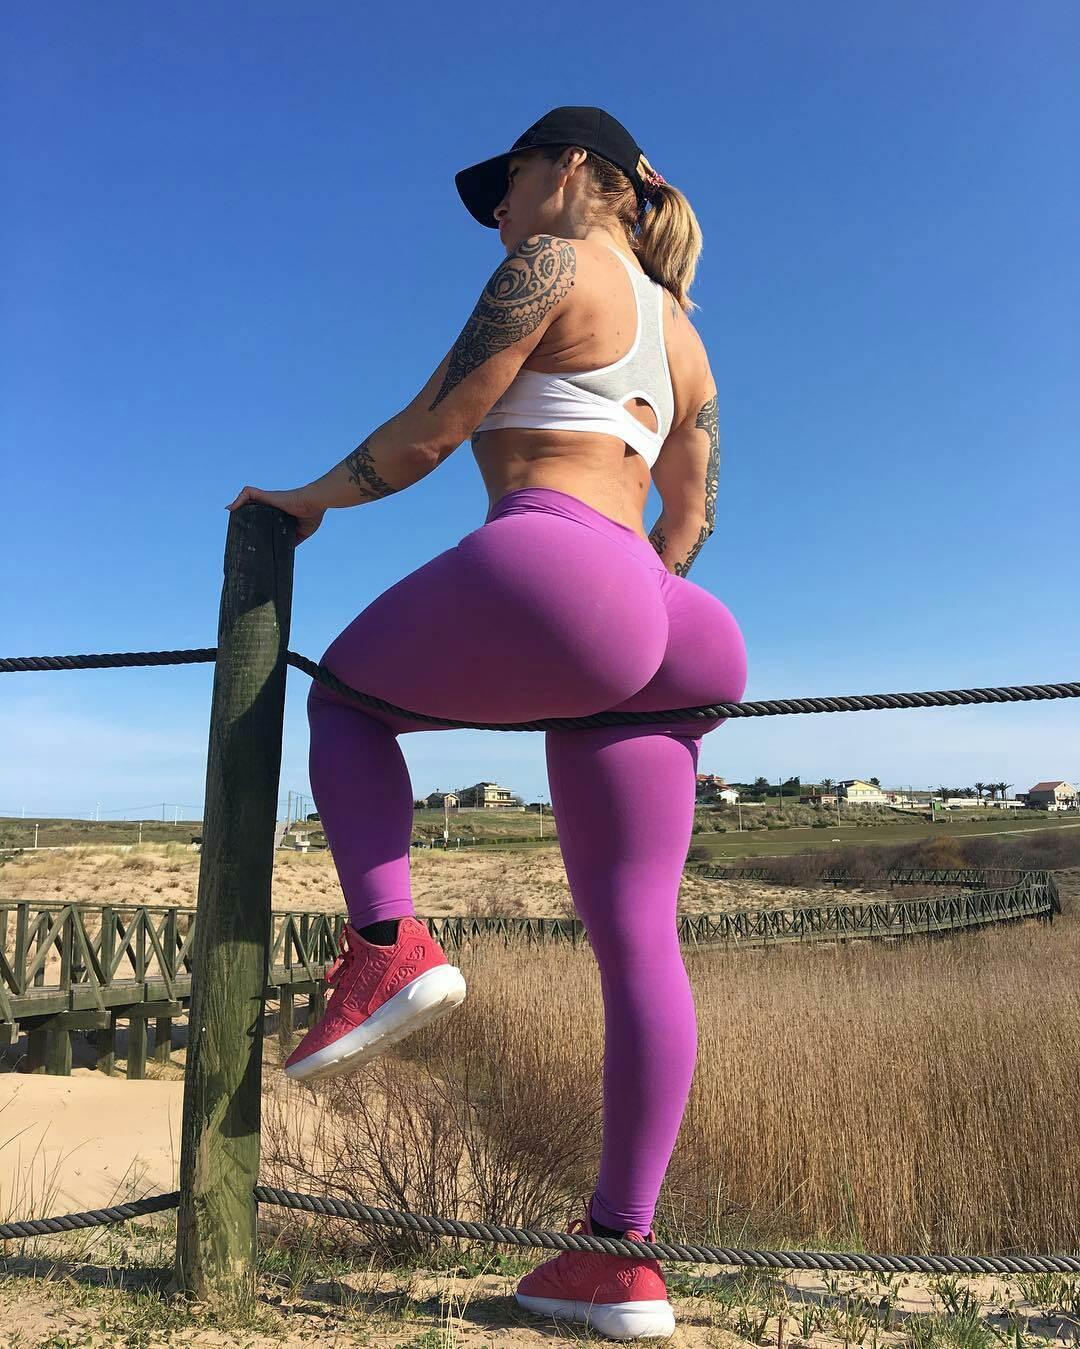 американский большой женский заднитц фото утро прямом эфире